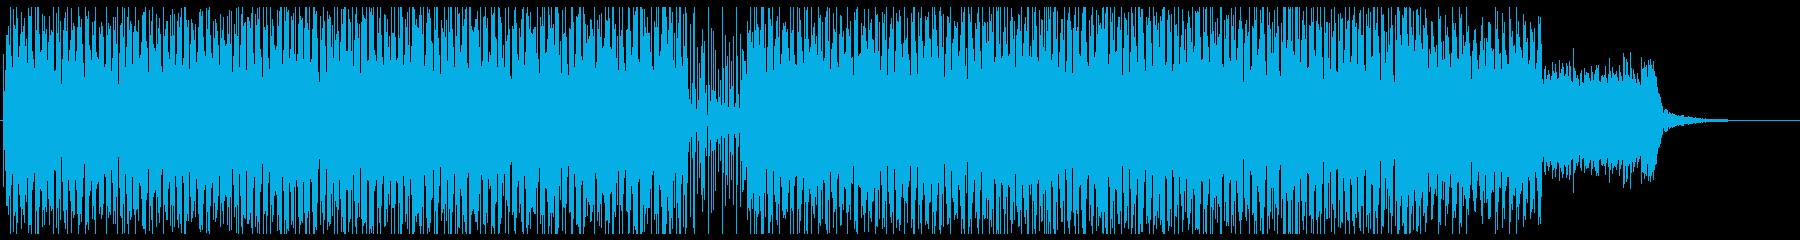 お洒落でキャッチーなテクノポップの再生済みの波形